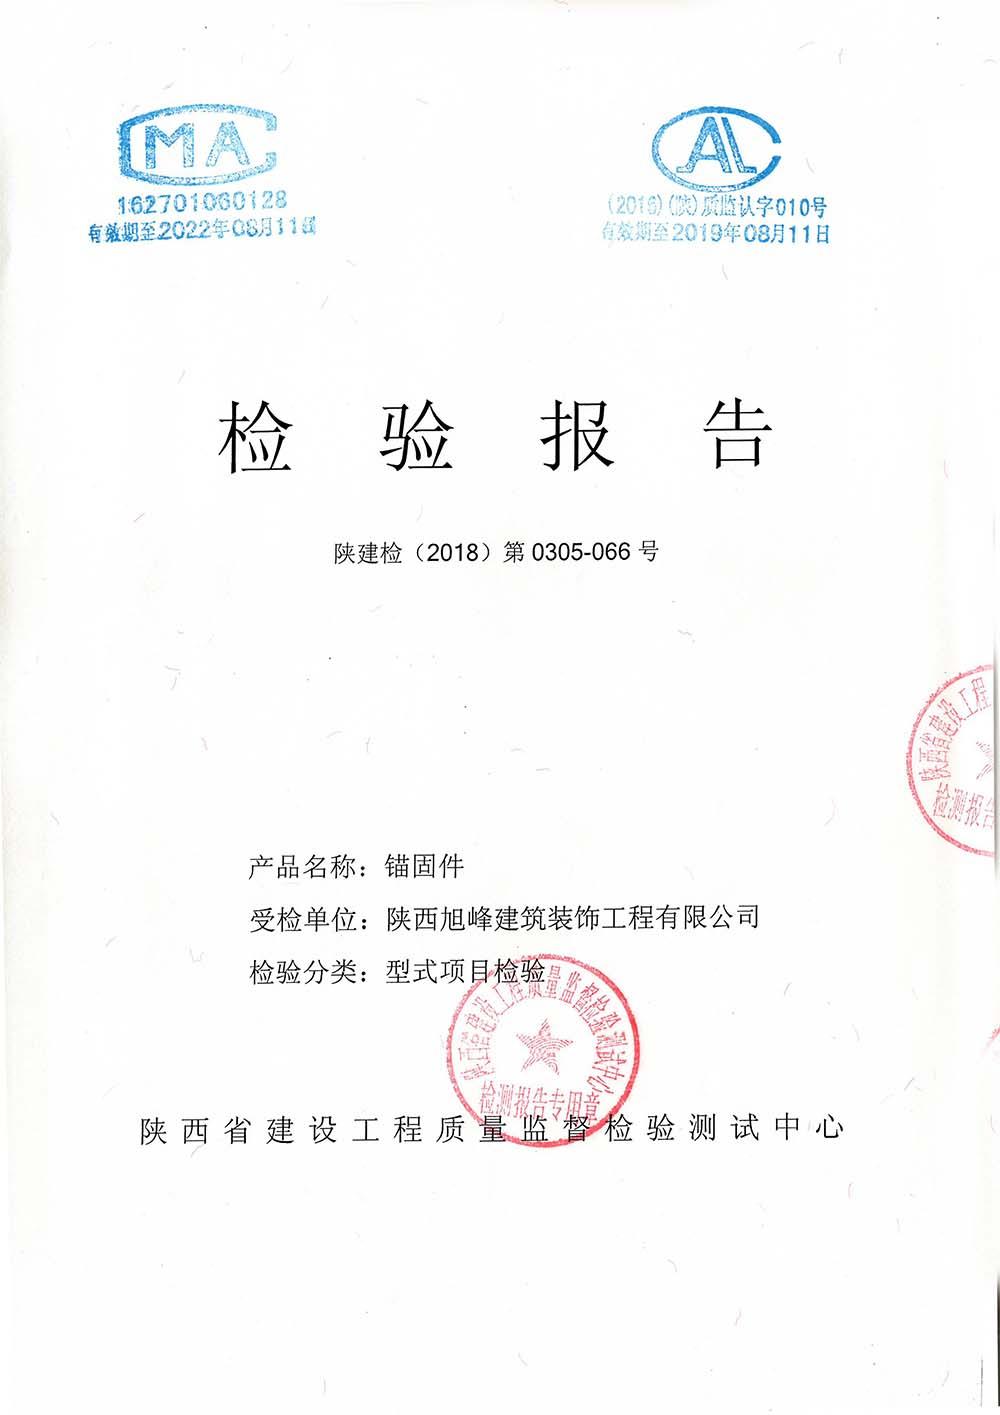 2018检测报告\杏彩彩票手机app下载-外墙腻子粉